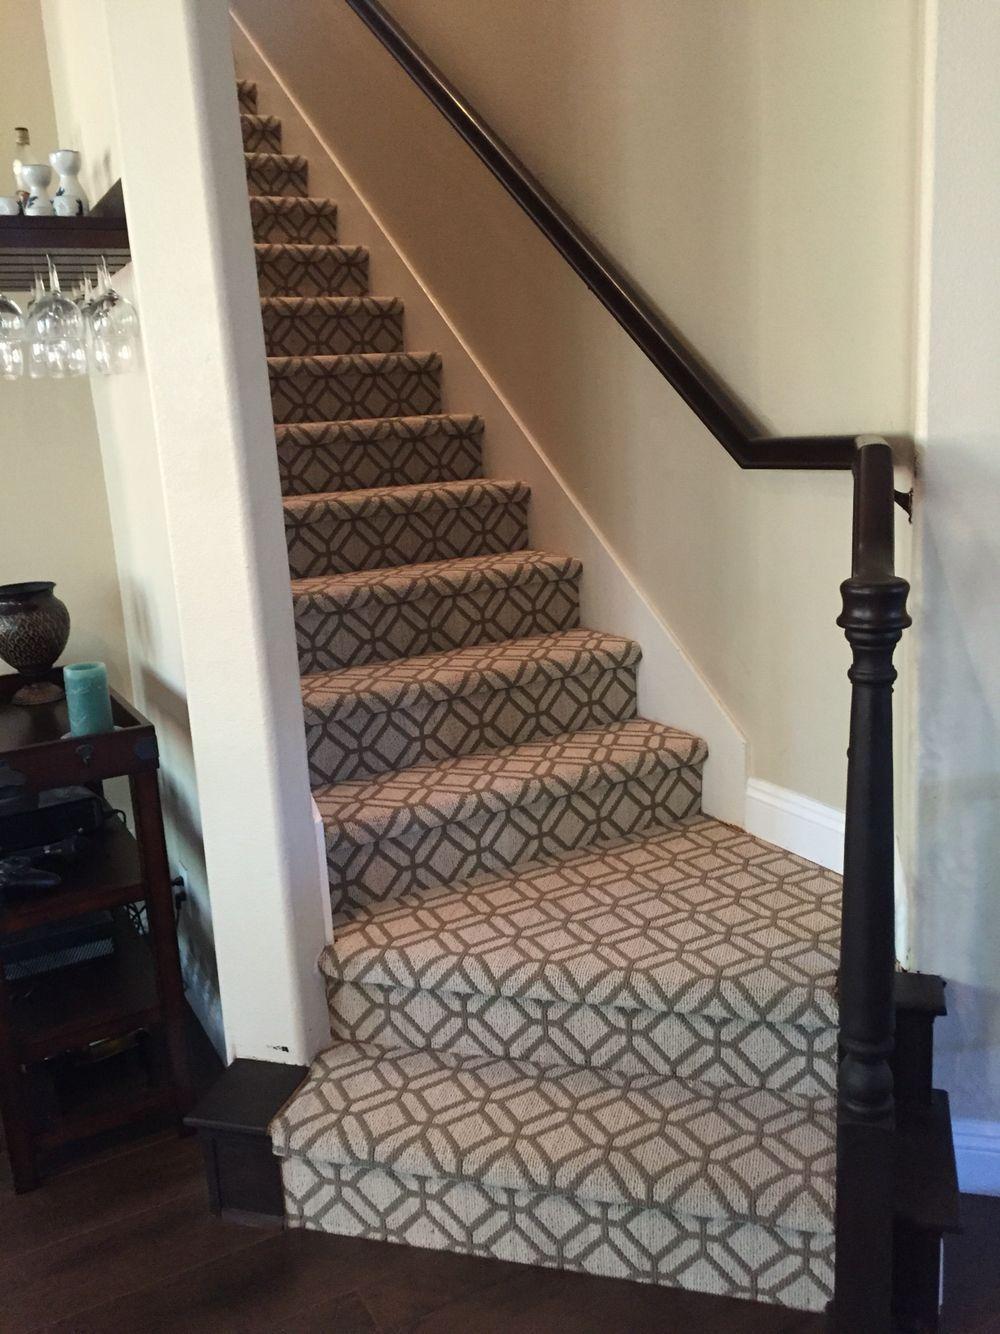 52 Elegant Carpet Pattern Design Ideas For 2019 Roundecor   Best Carpet For Stairs 2019   Stair Runners   Stair Railing   Berber Carpet   Wall Carpet   Carpet Tiles